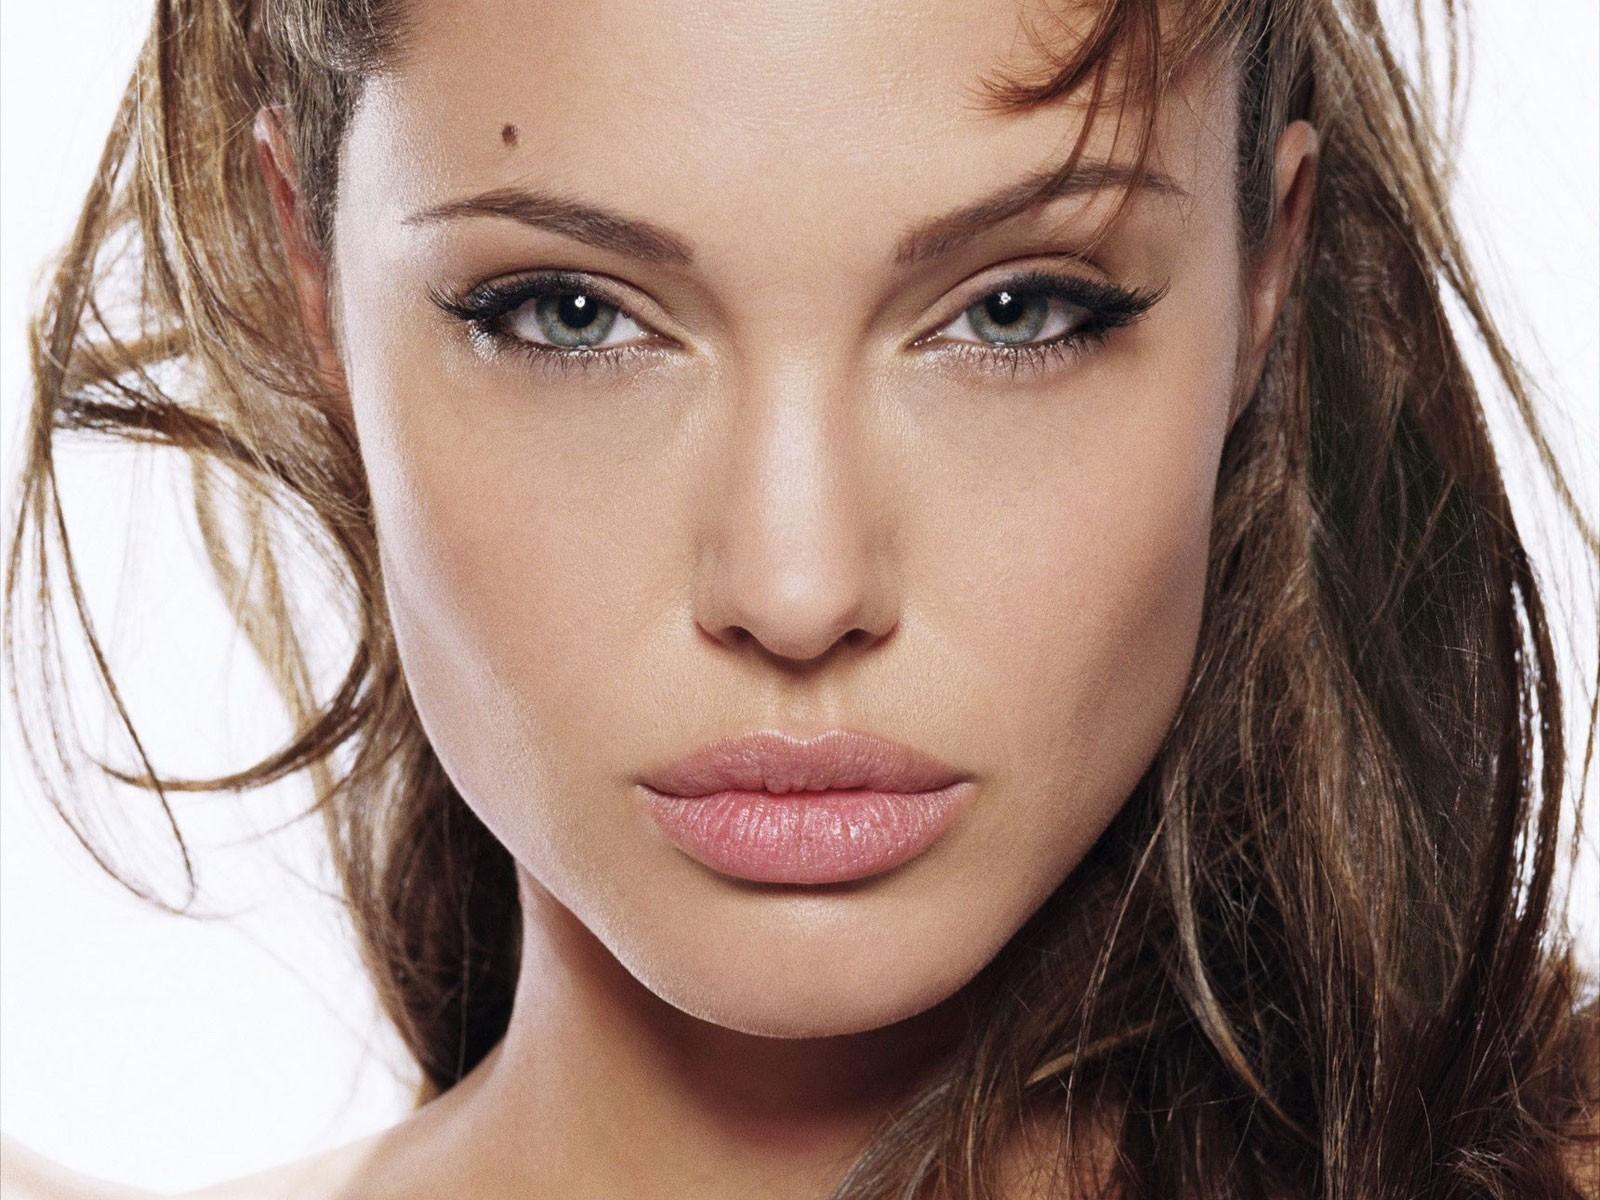 Cô gái phẫu thuật thẩm mỹ hơn 50 lần đề nhìn giống Angelina Jolie, kết quả trả về gia tinh Dobby - Ảnh 1.